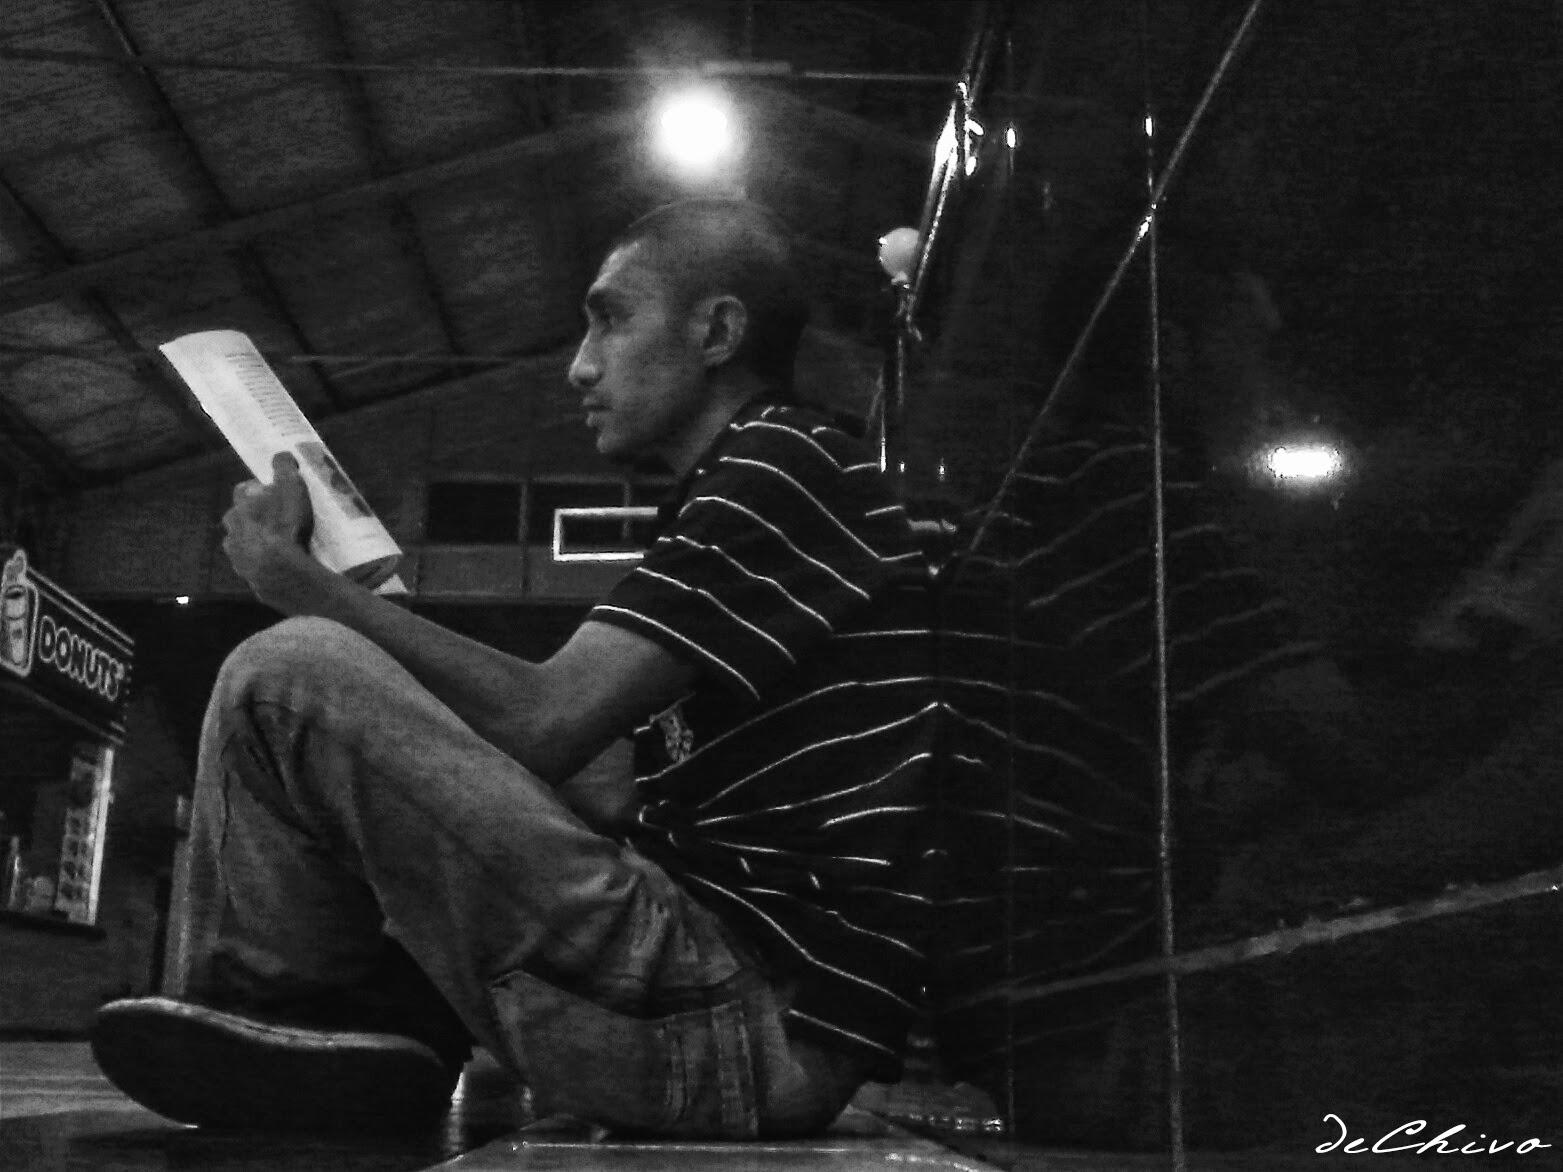 Nongkrong di stasiun_baca buku